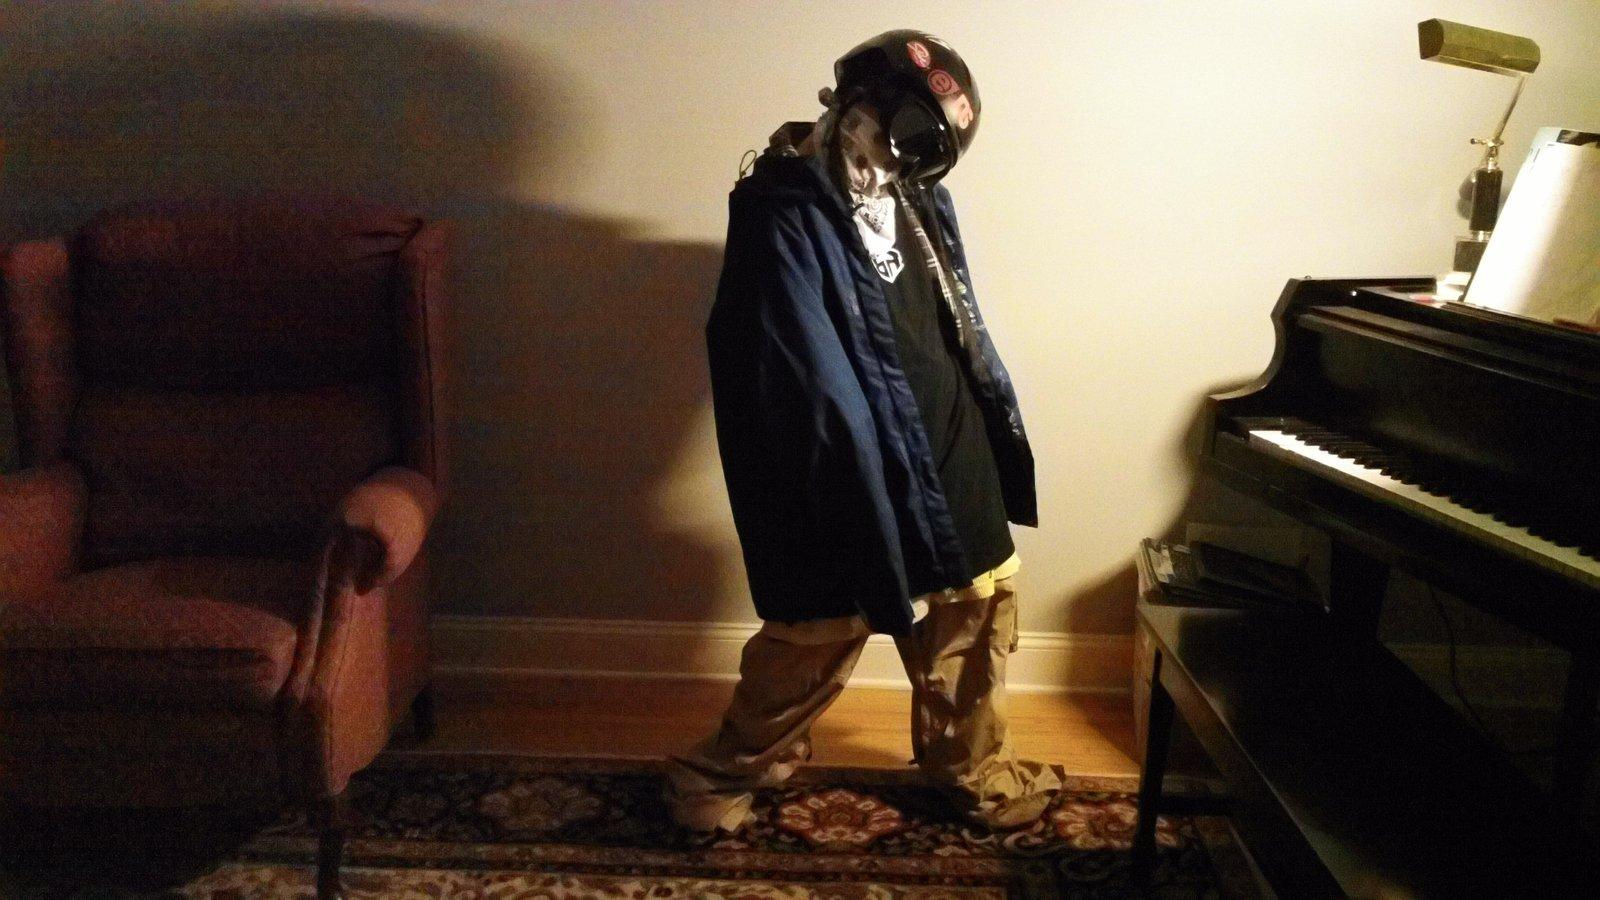 Bro wearing ski gear